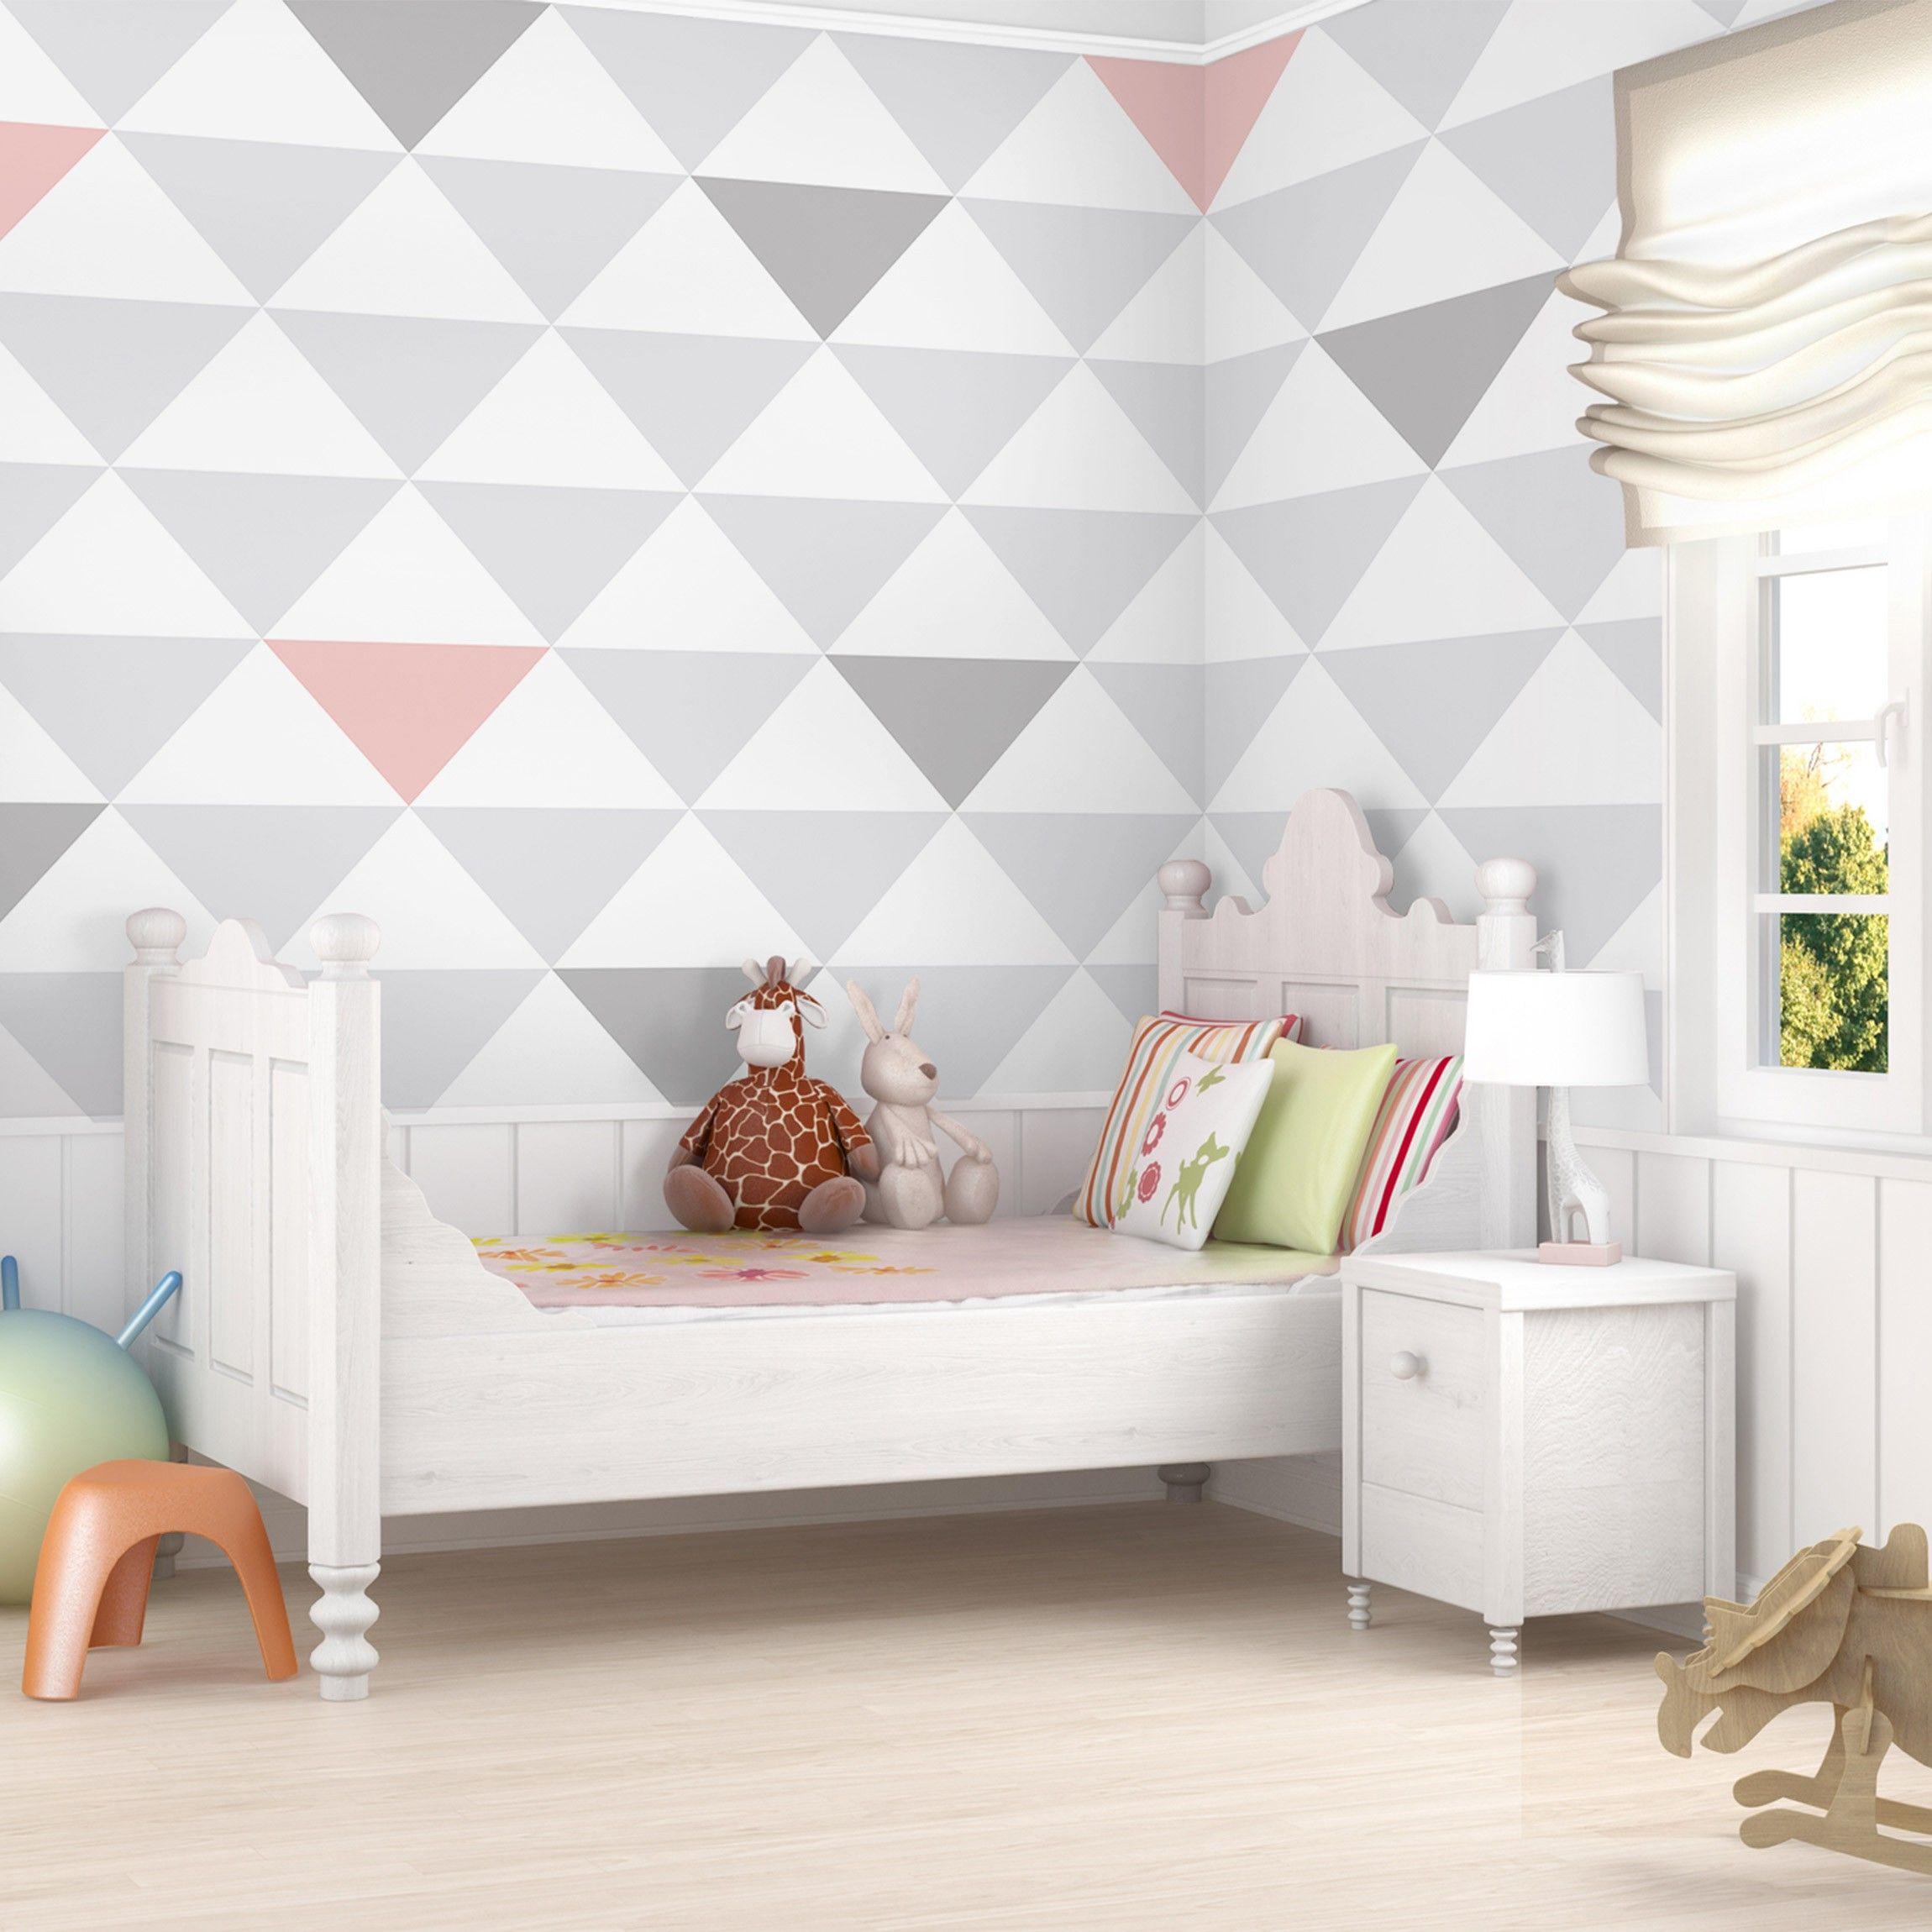 Mustertapete für Kinderzimmer - No.YK65 Dreiecke Grau Weiß Rosa ...